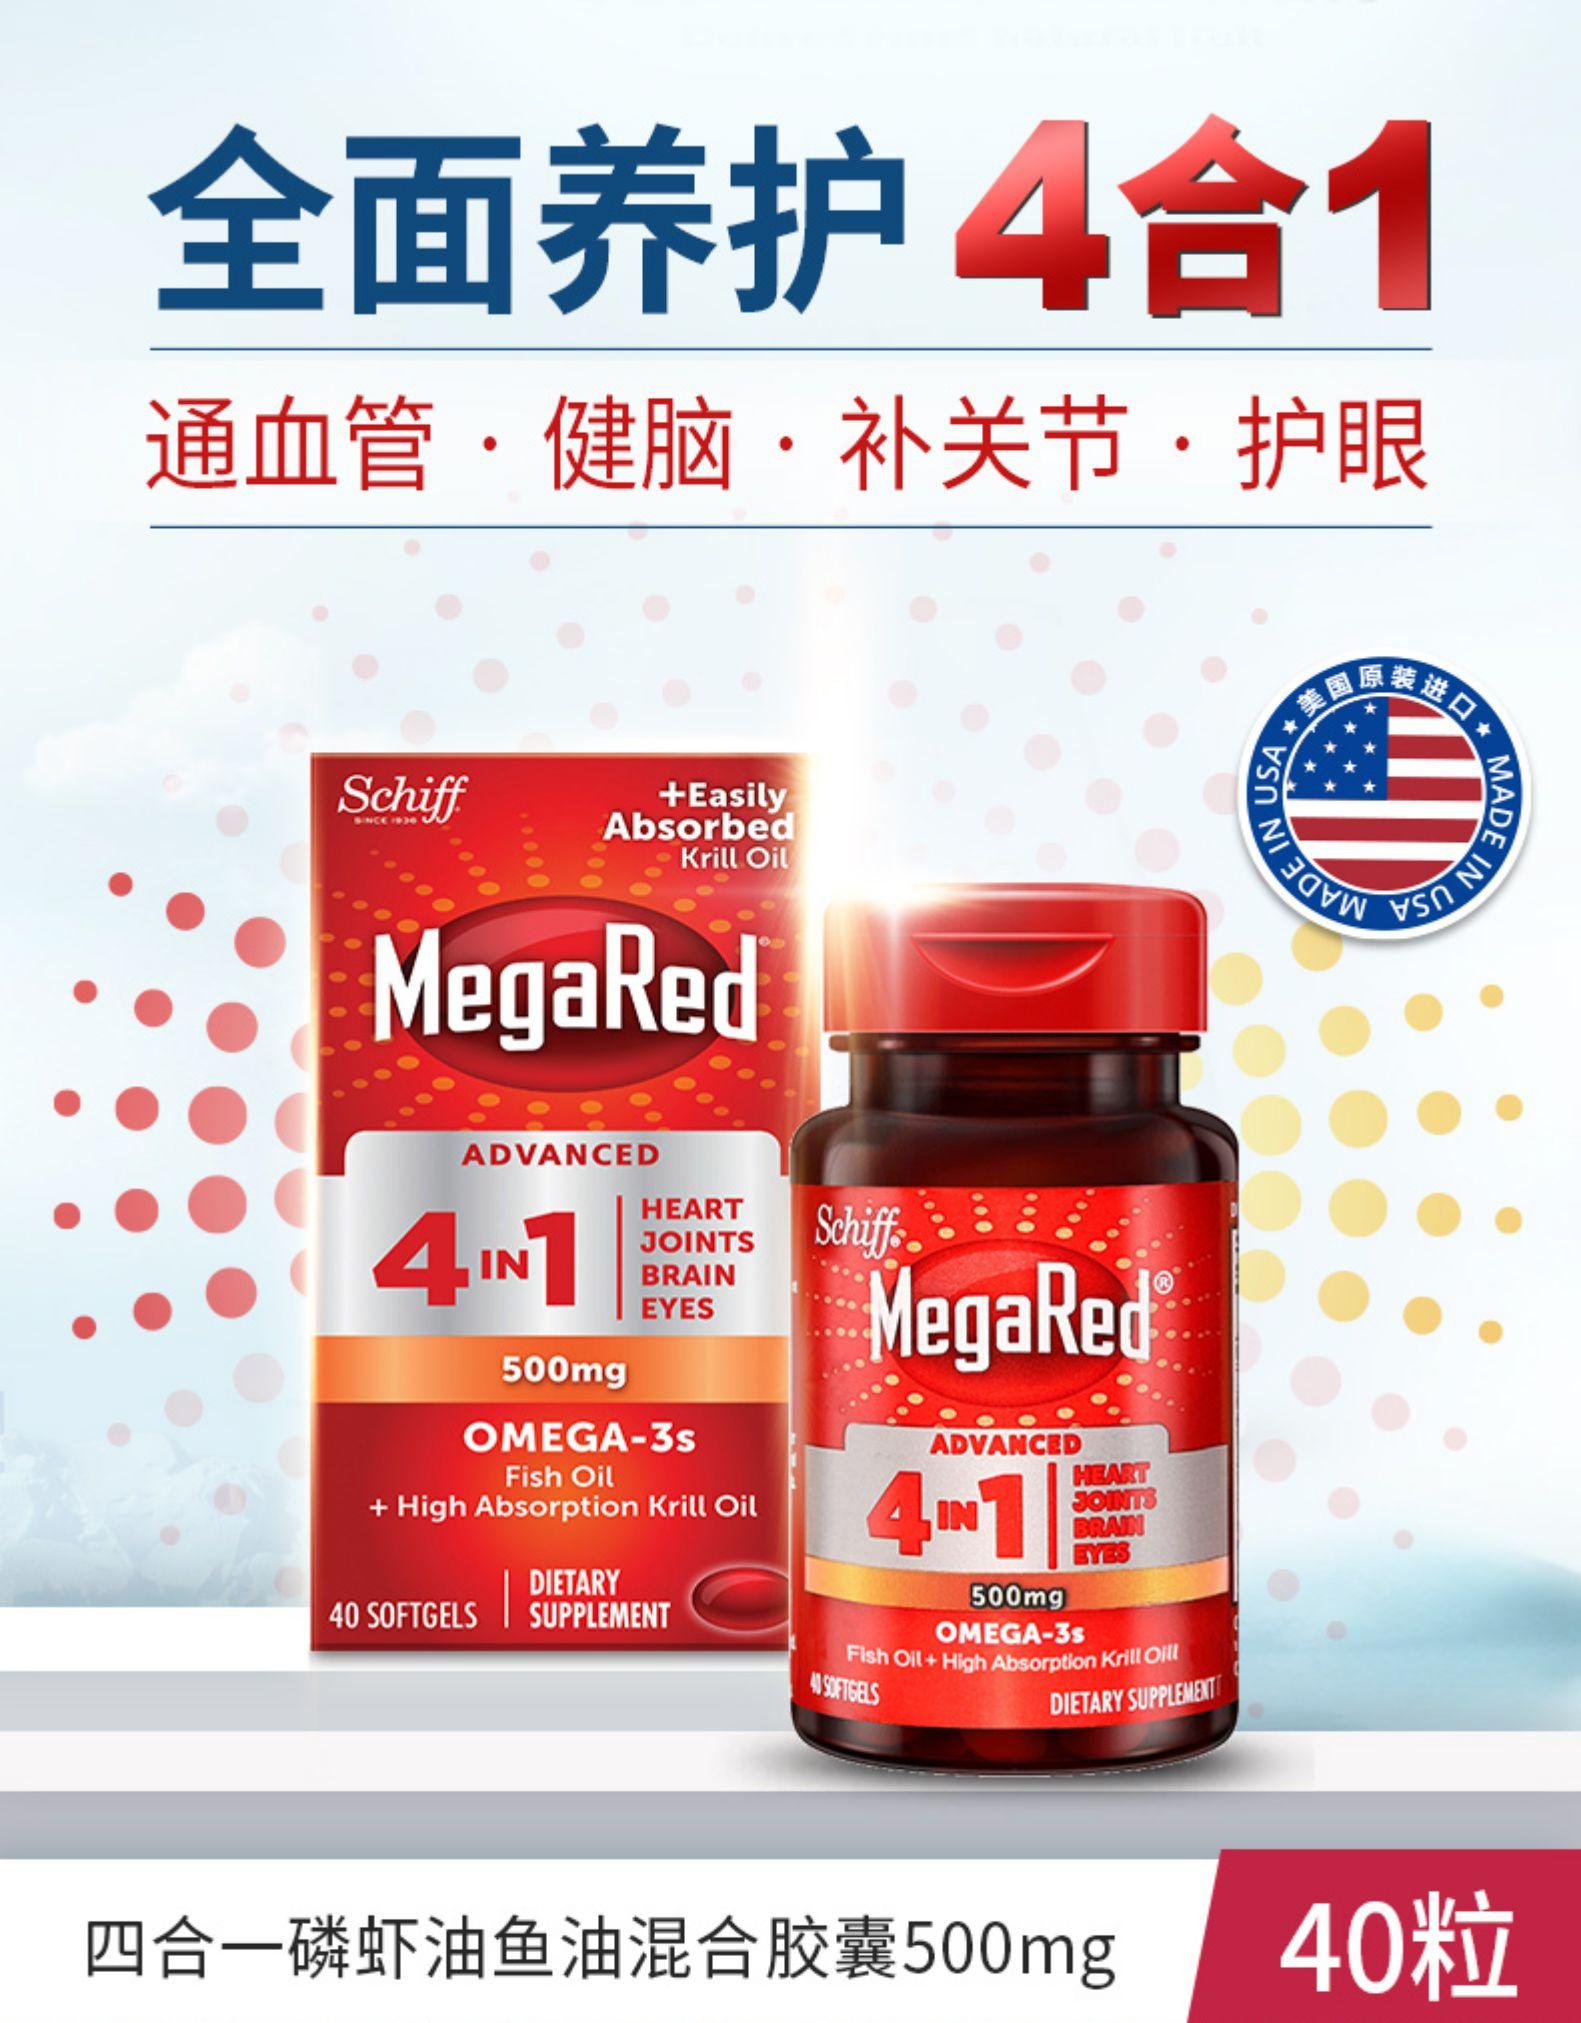 美国进口 Schiff 旭福 MegaRed 四合一 Omega-3s 补脑深海鱼油+磷虾油混合胶囊 500mg*40粒*2瓶 双重优惠折后¥59包邮包税(拍2件)